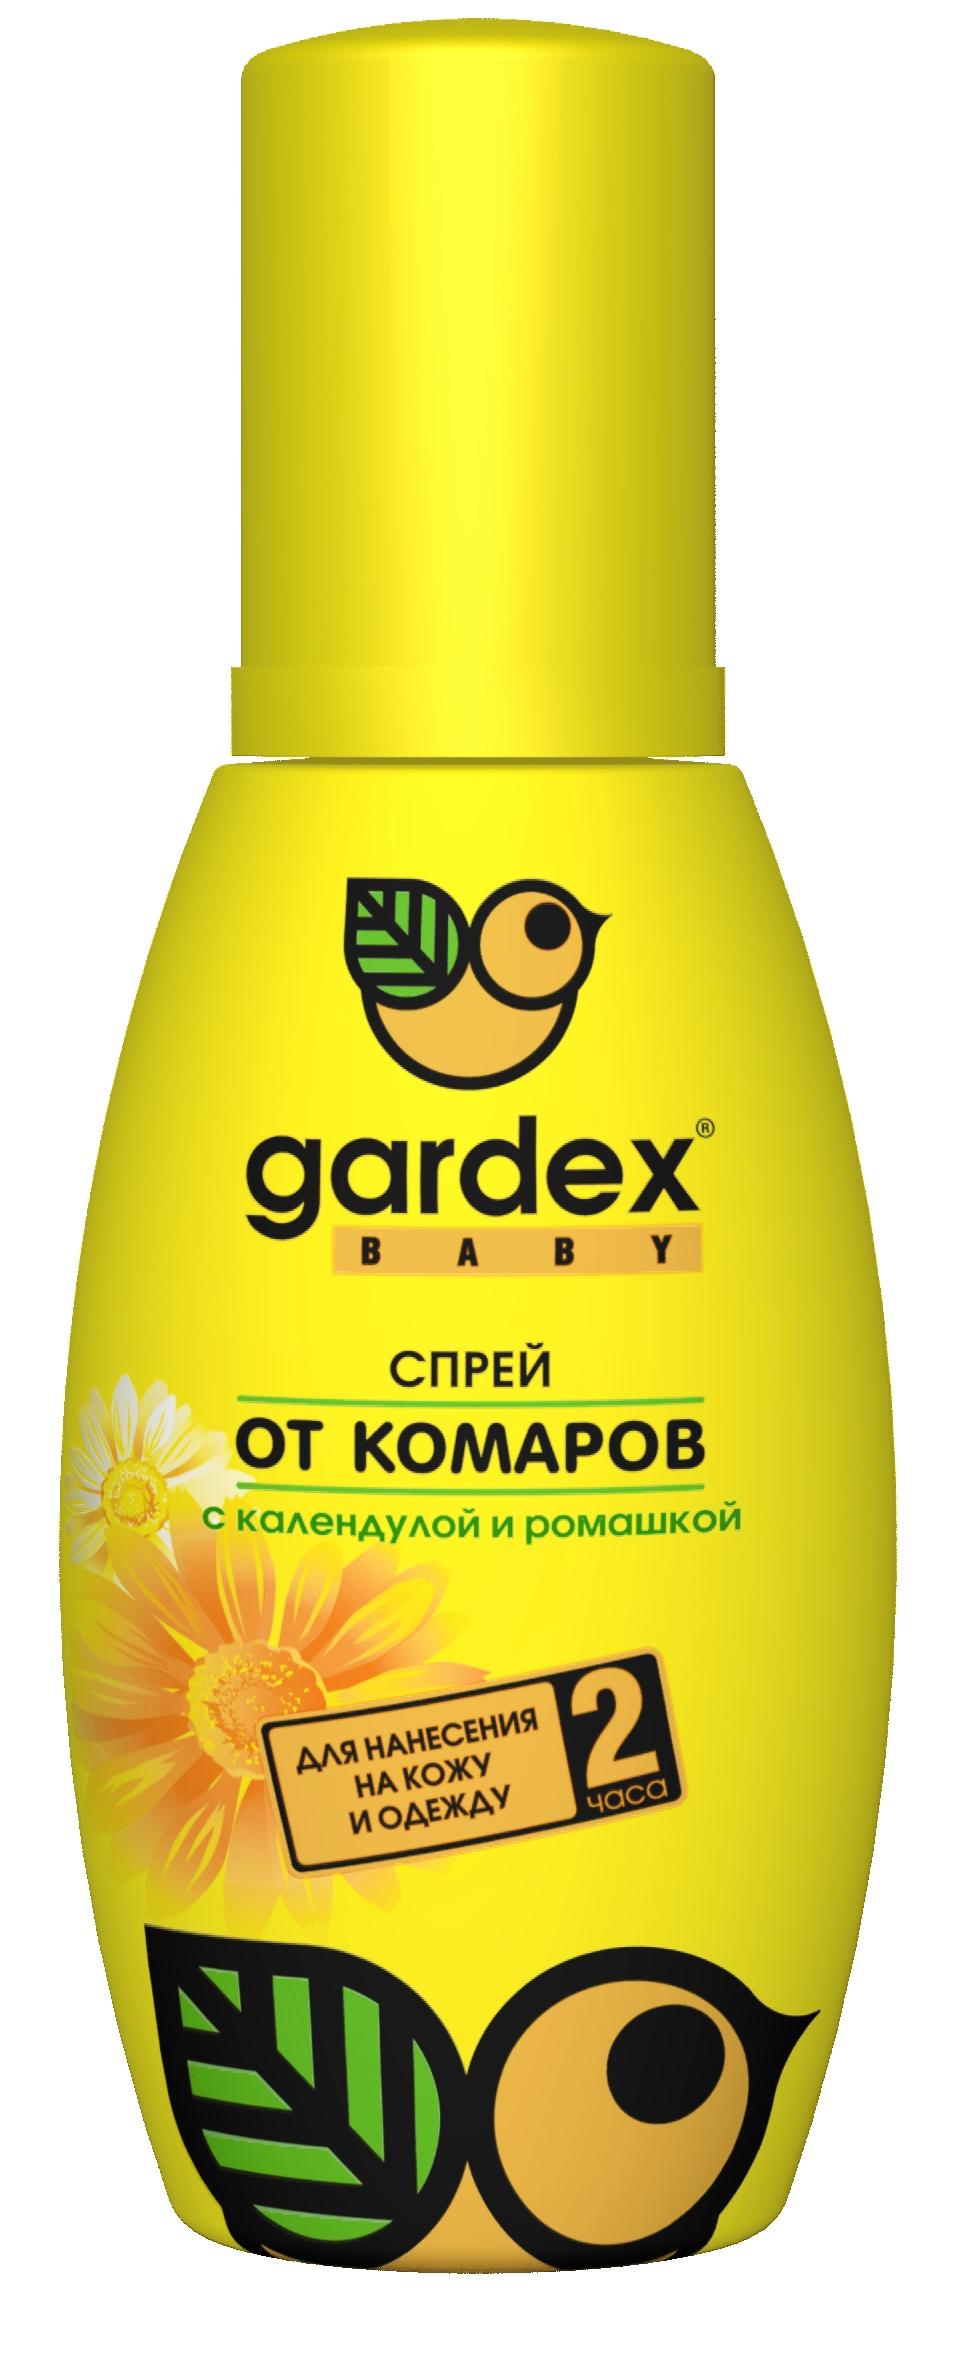 Средства от насекомых Gardex От комаров Baby 100 мл средства от насекомых picnic крем пенка от комаров 160 мл